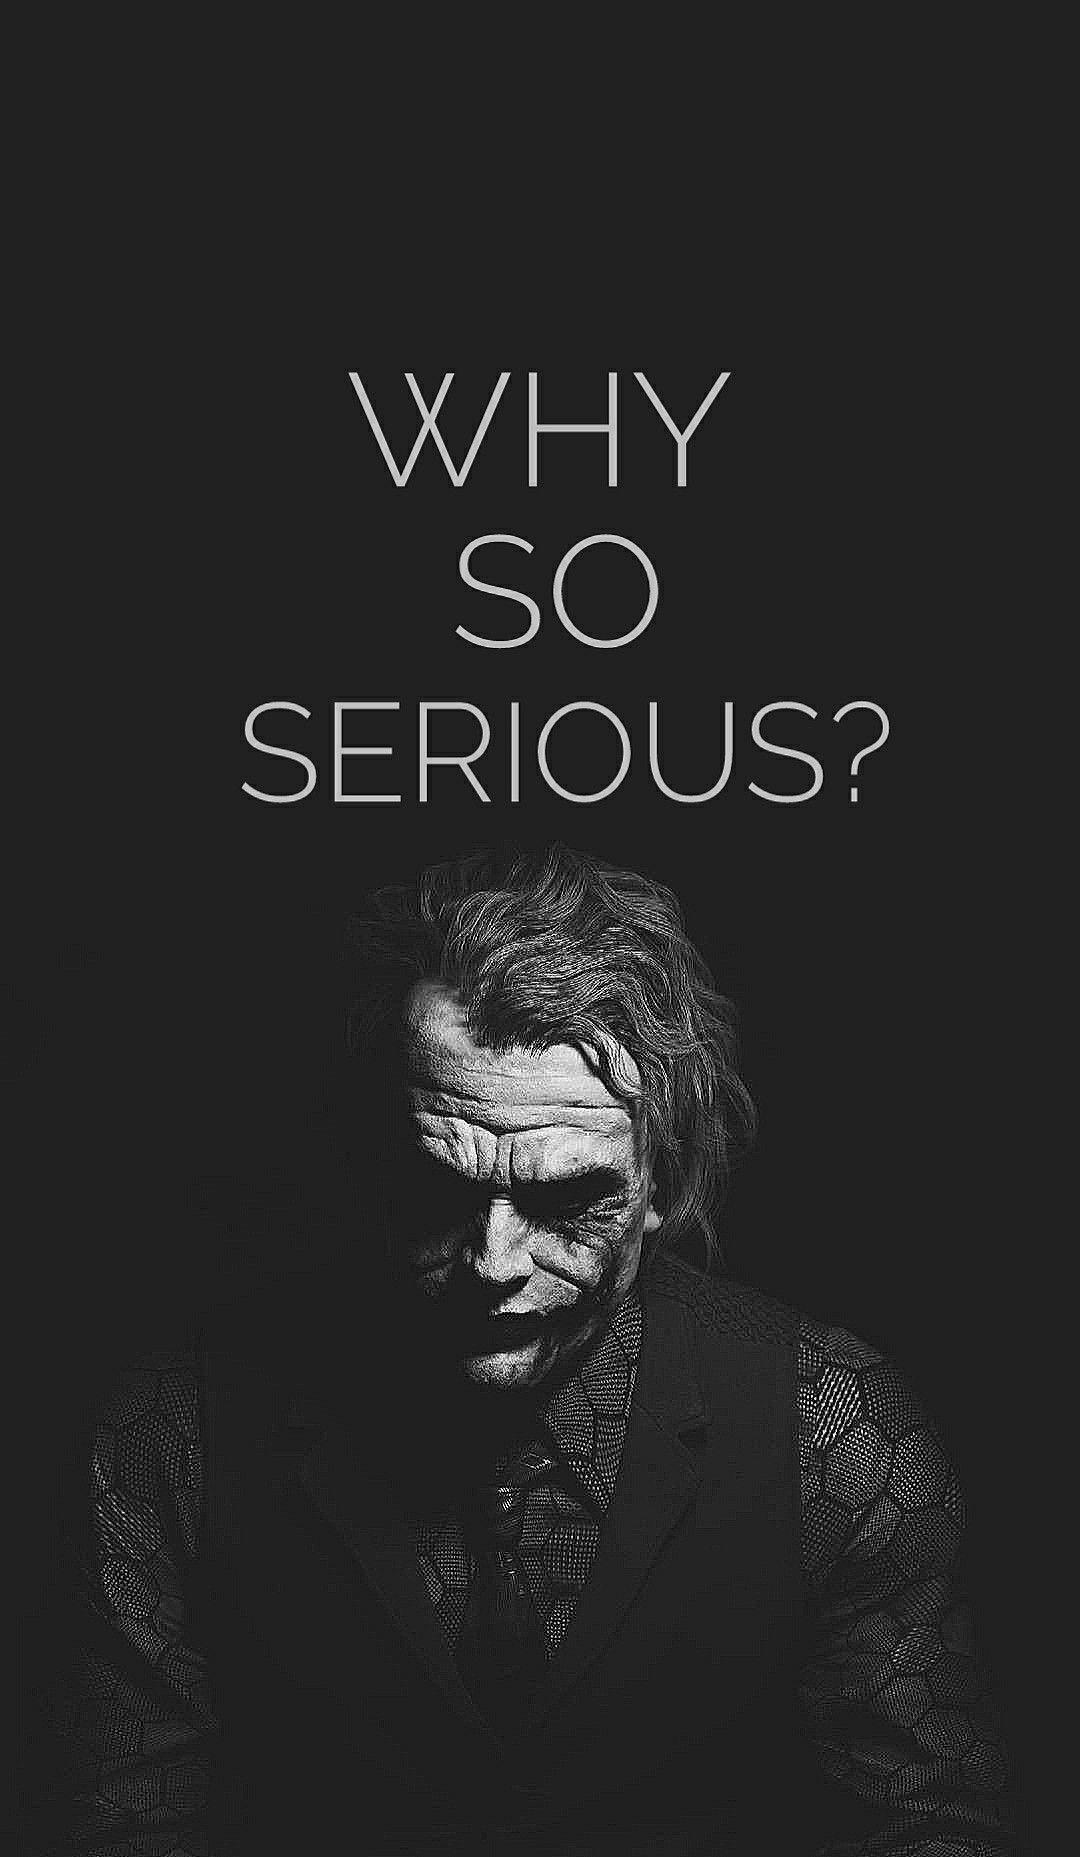 Why So Serious Joker Images Batman Joker Wallpaper Joker Wallpapers Joker why so serious iphone wallpaper hd